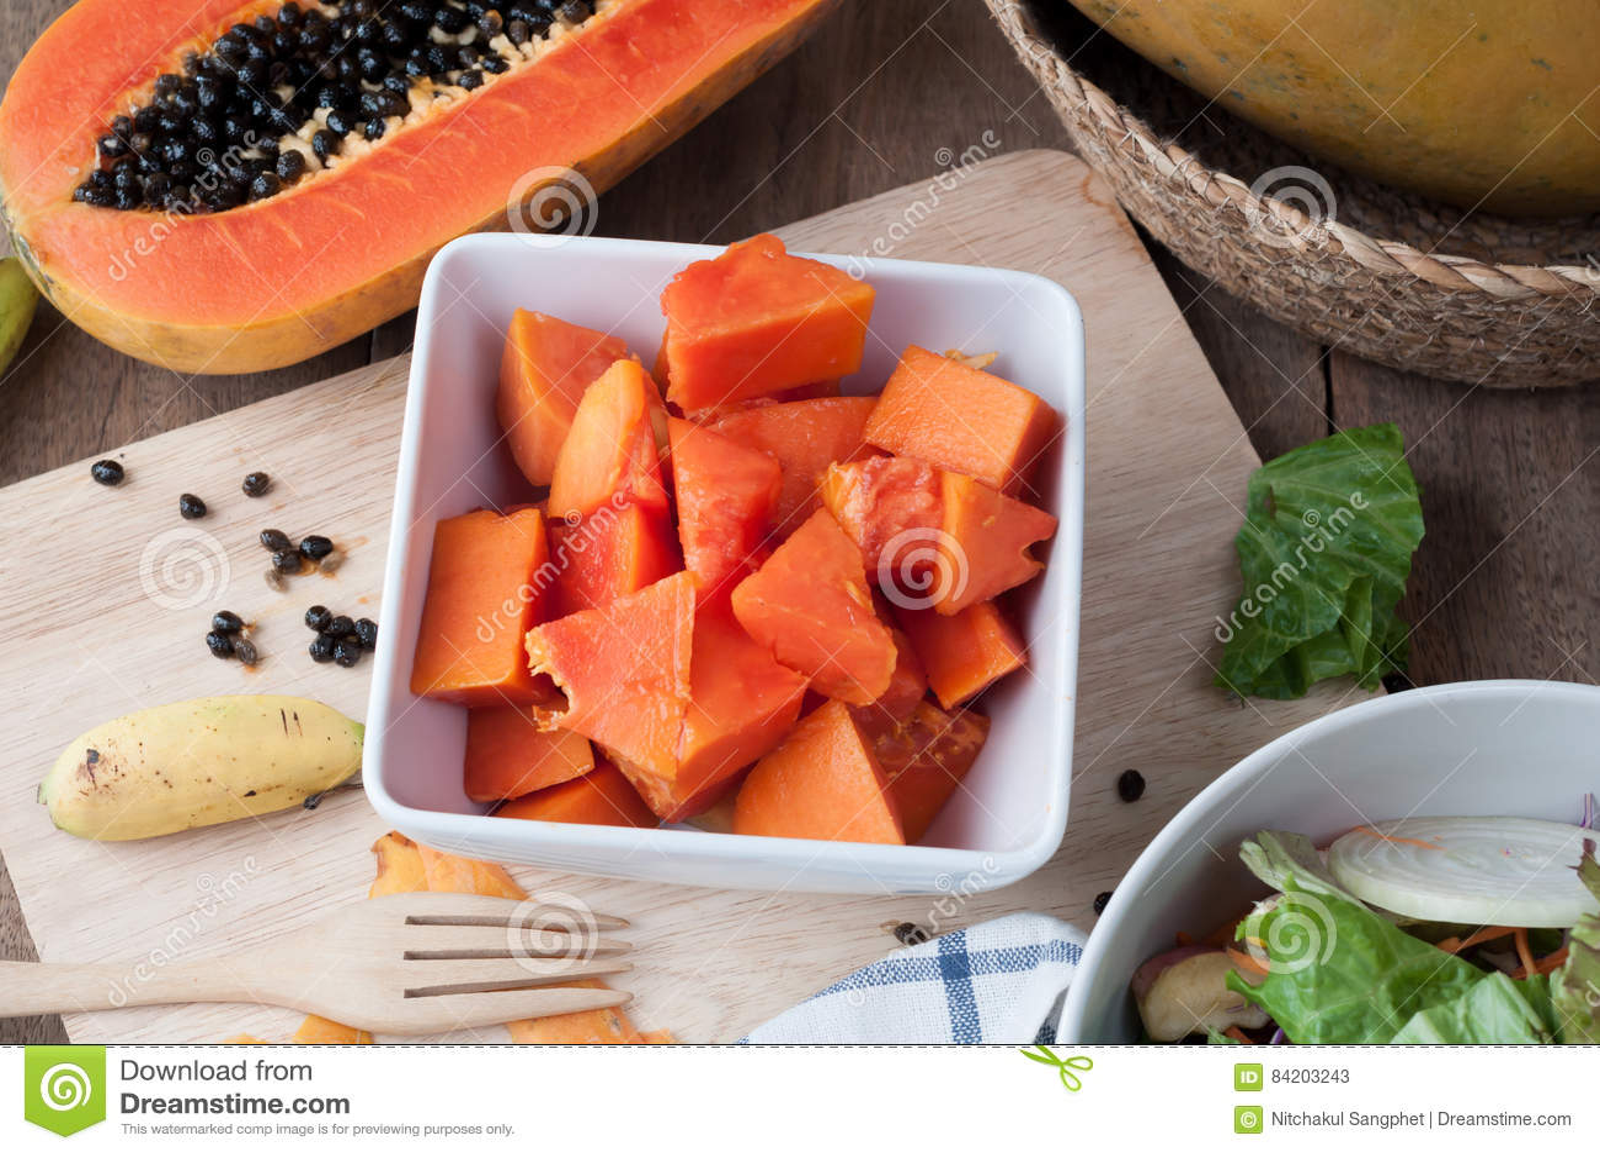 Küchentisch mit geschnittener frischer Papayafrucht auf hölzerner Ausschnittboa